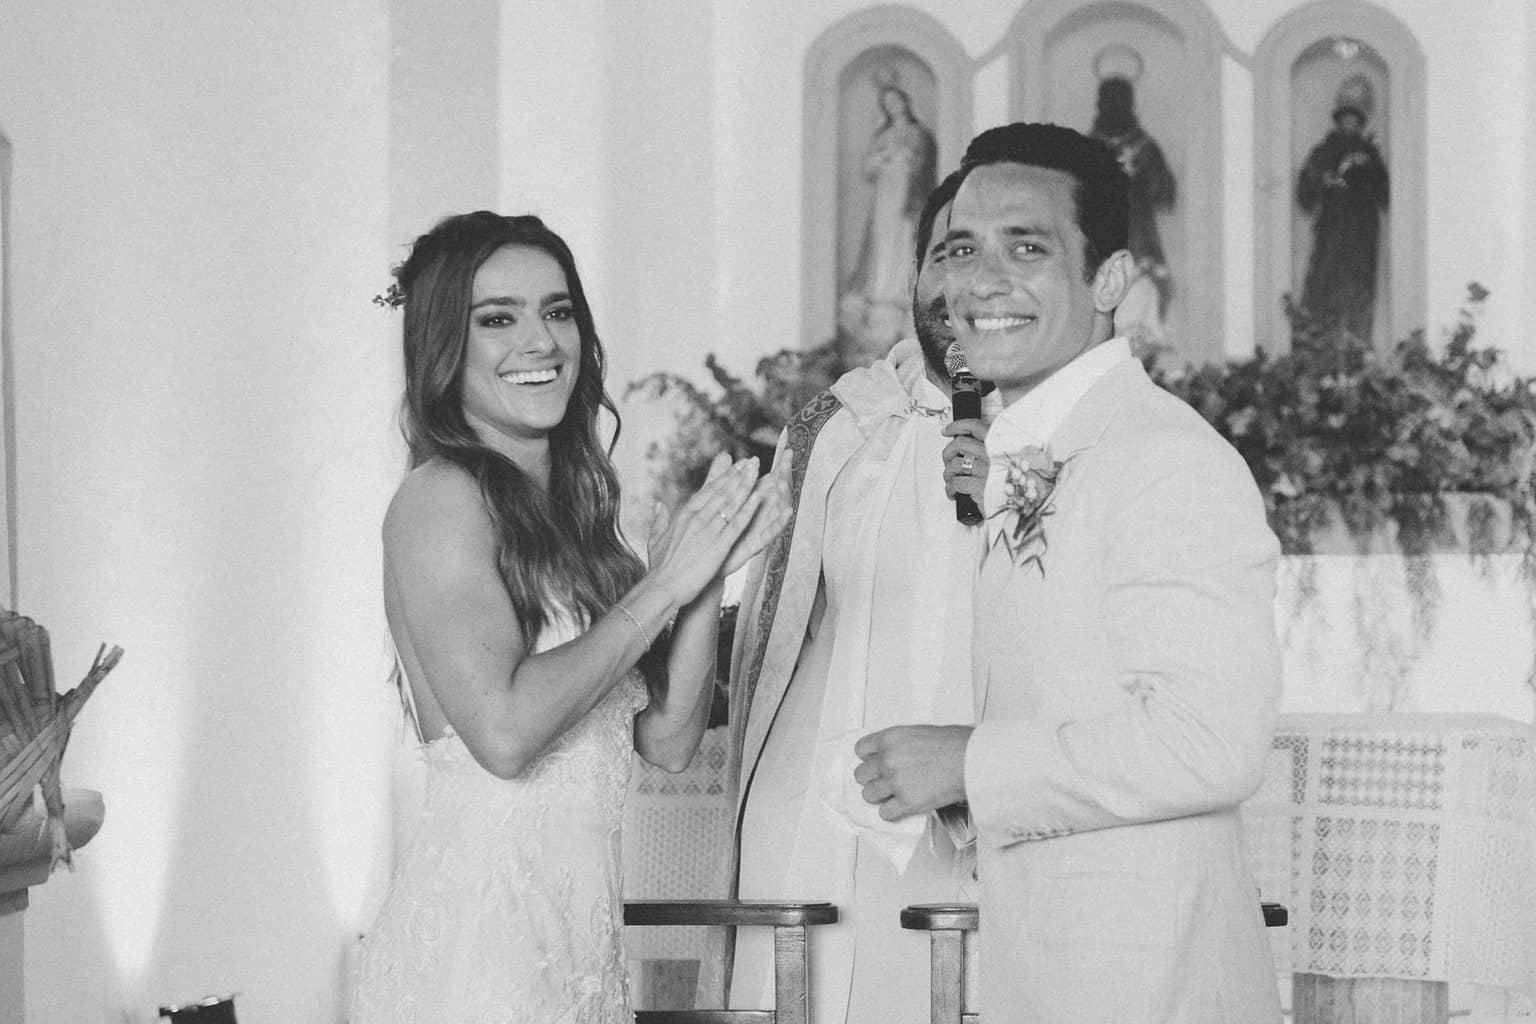 casamento-Danielle-e-Guilherme-aloha-fotografia-caseme-94